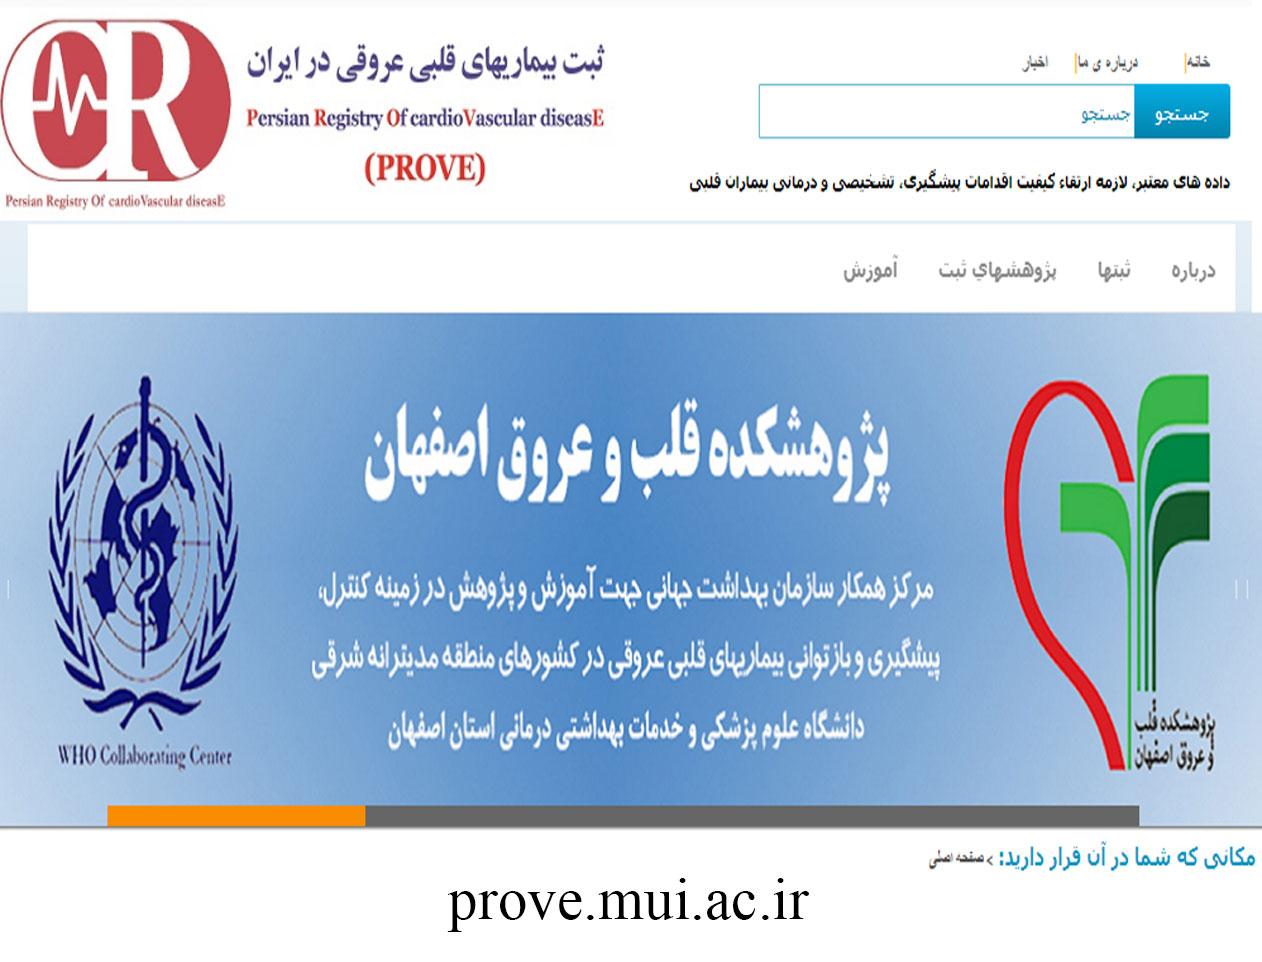 ثبت بیماری های قلبی عروقی در ایران